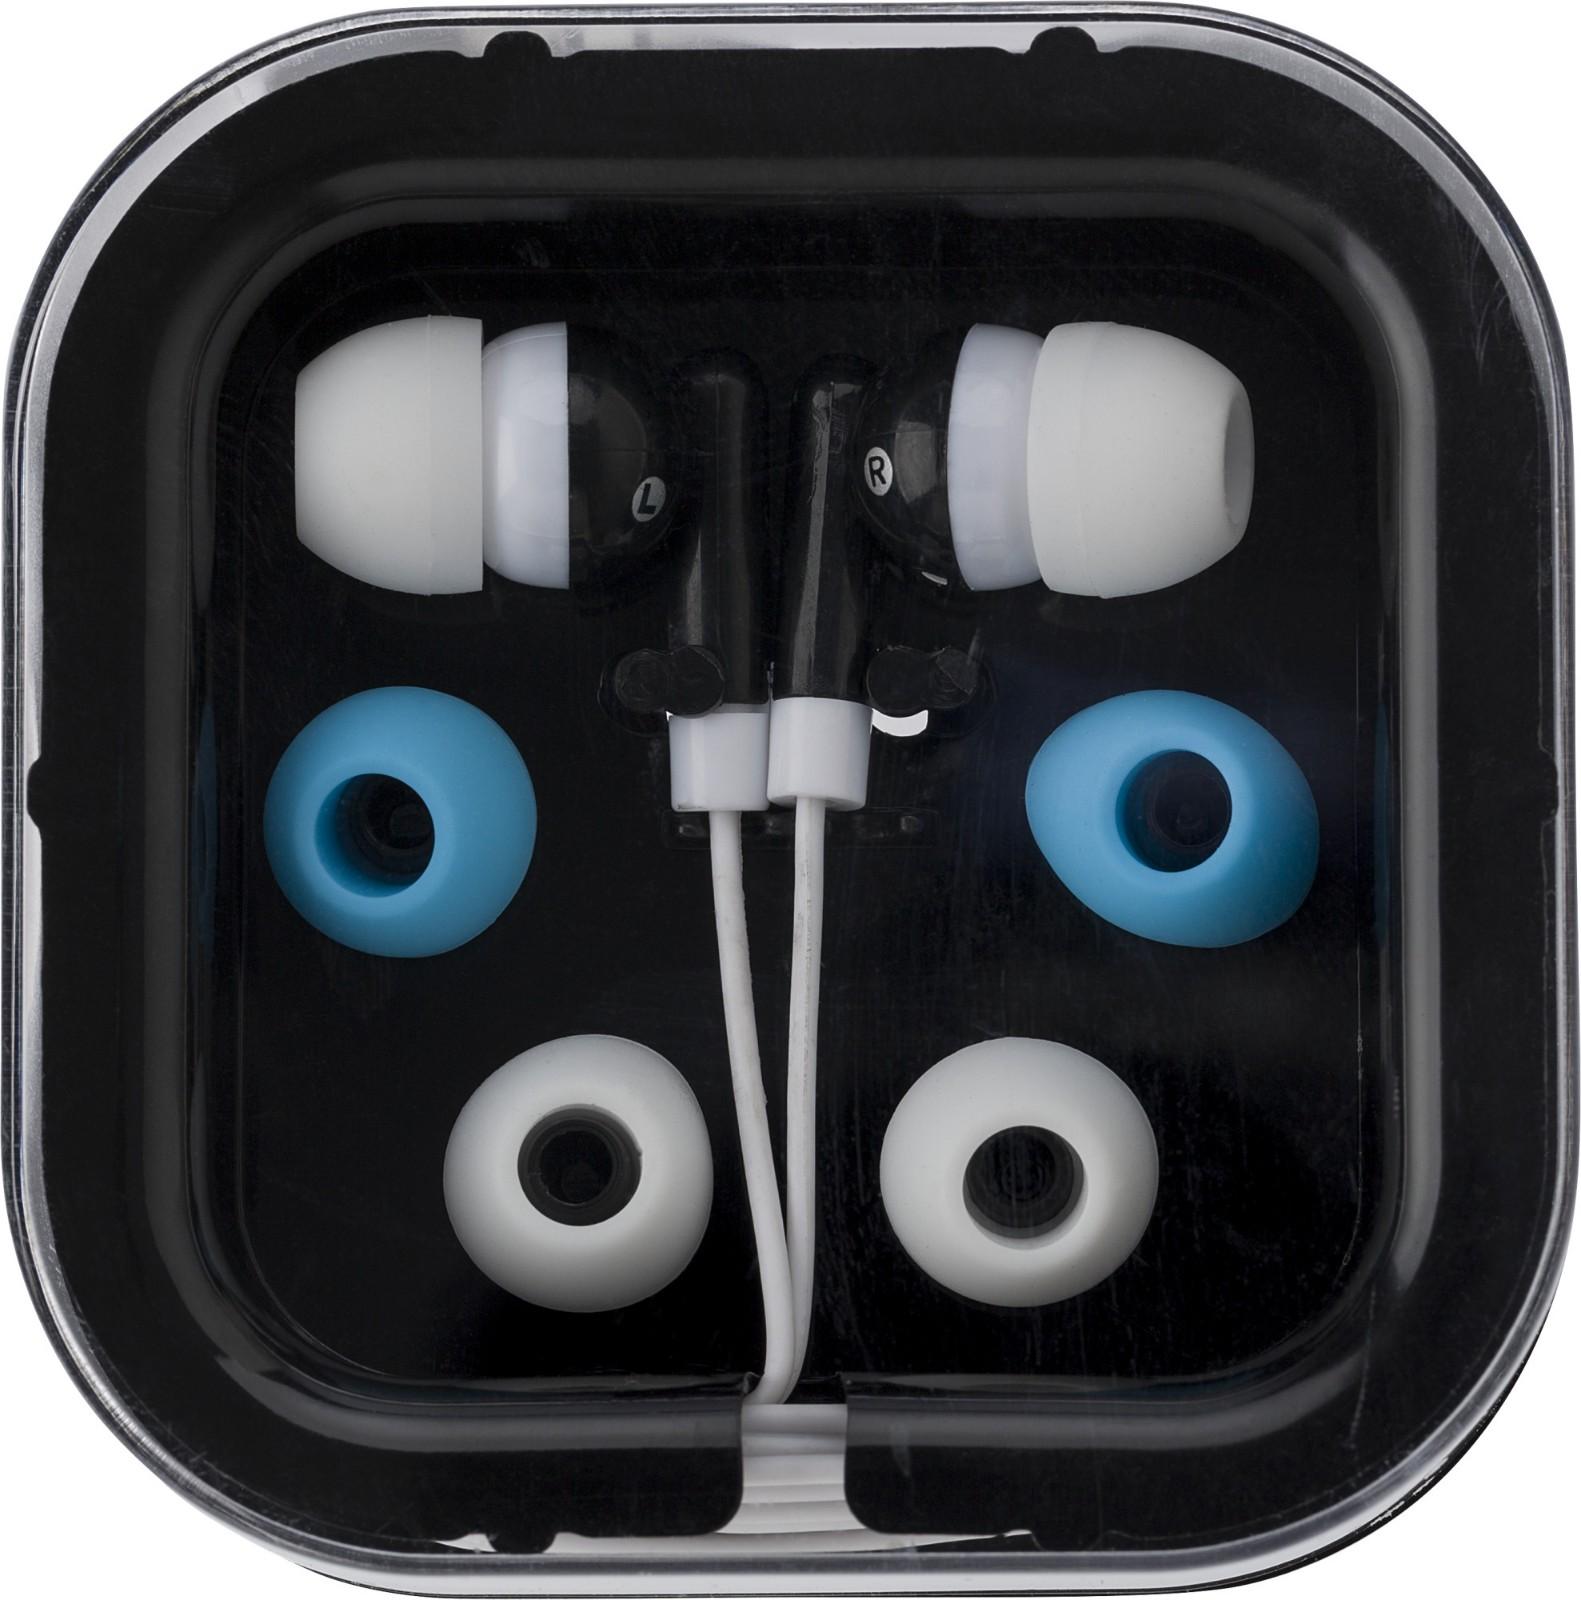 Kopfhörer 'Universal' aus Kunststoff/Metall - Black